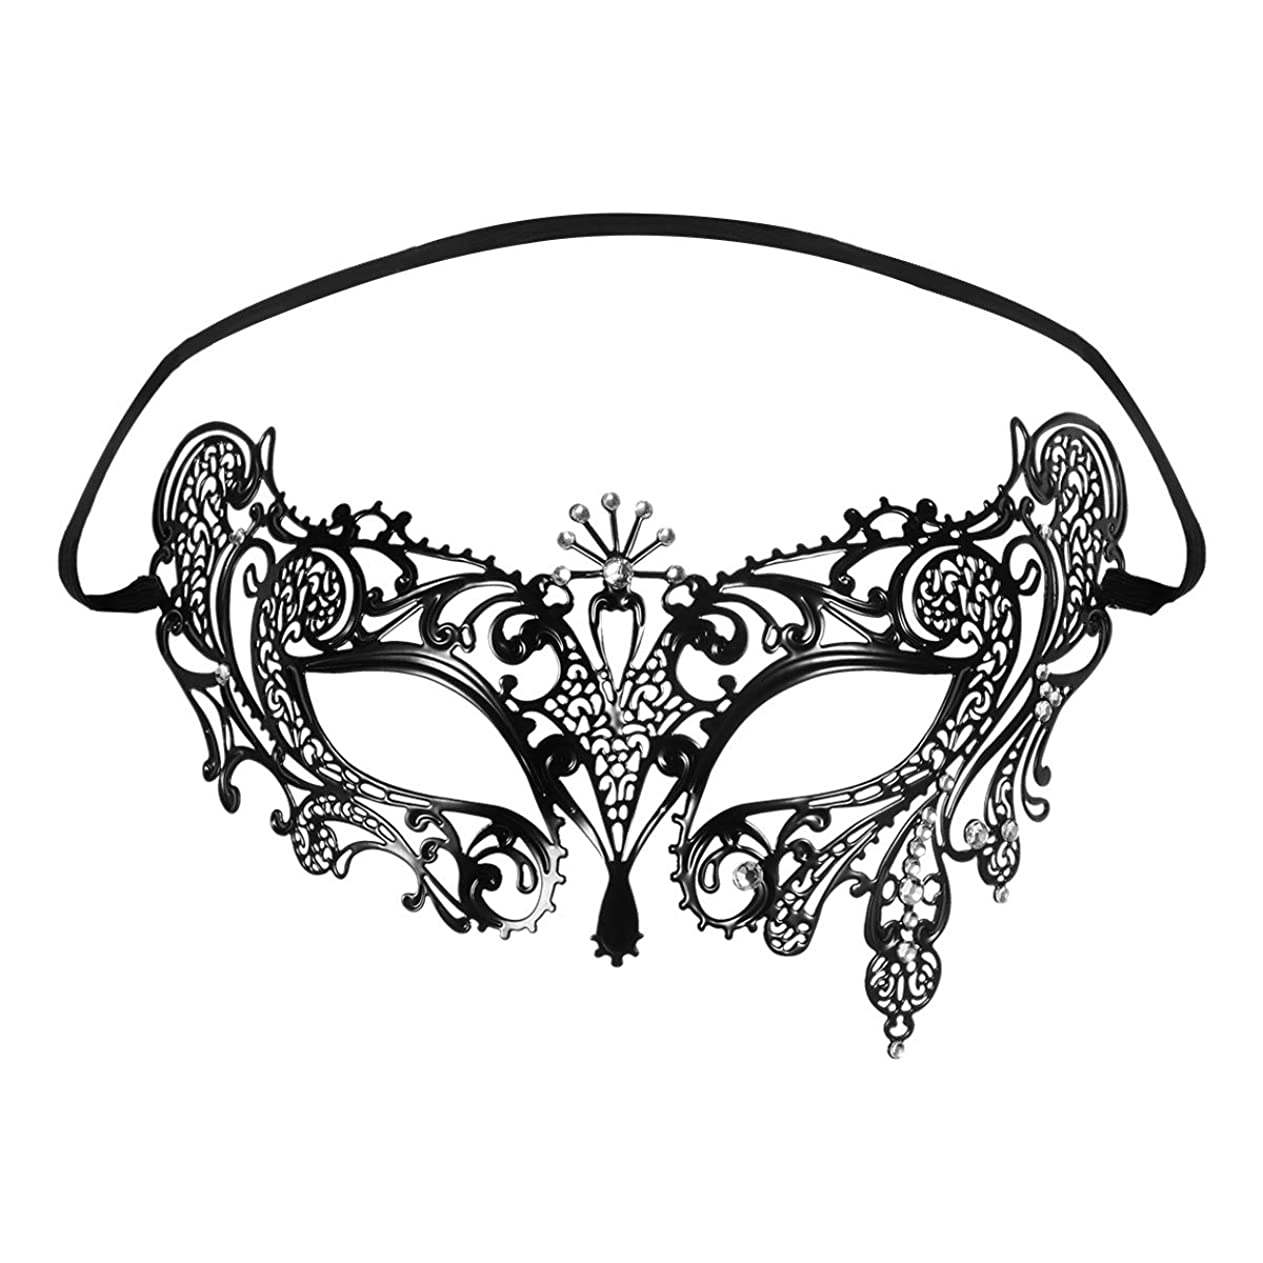 眠っている黒板ブースFoxnovo Foxnovoファッション高級ベネチアンスタイルディアマンテメタルフィリグリー仮装用マスク結婚式/パーティー用(ブラック)